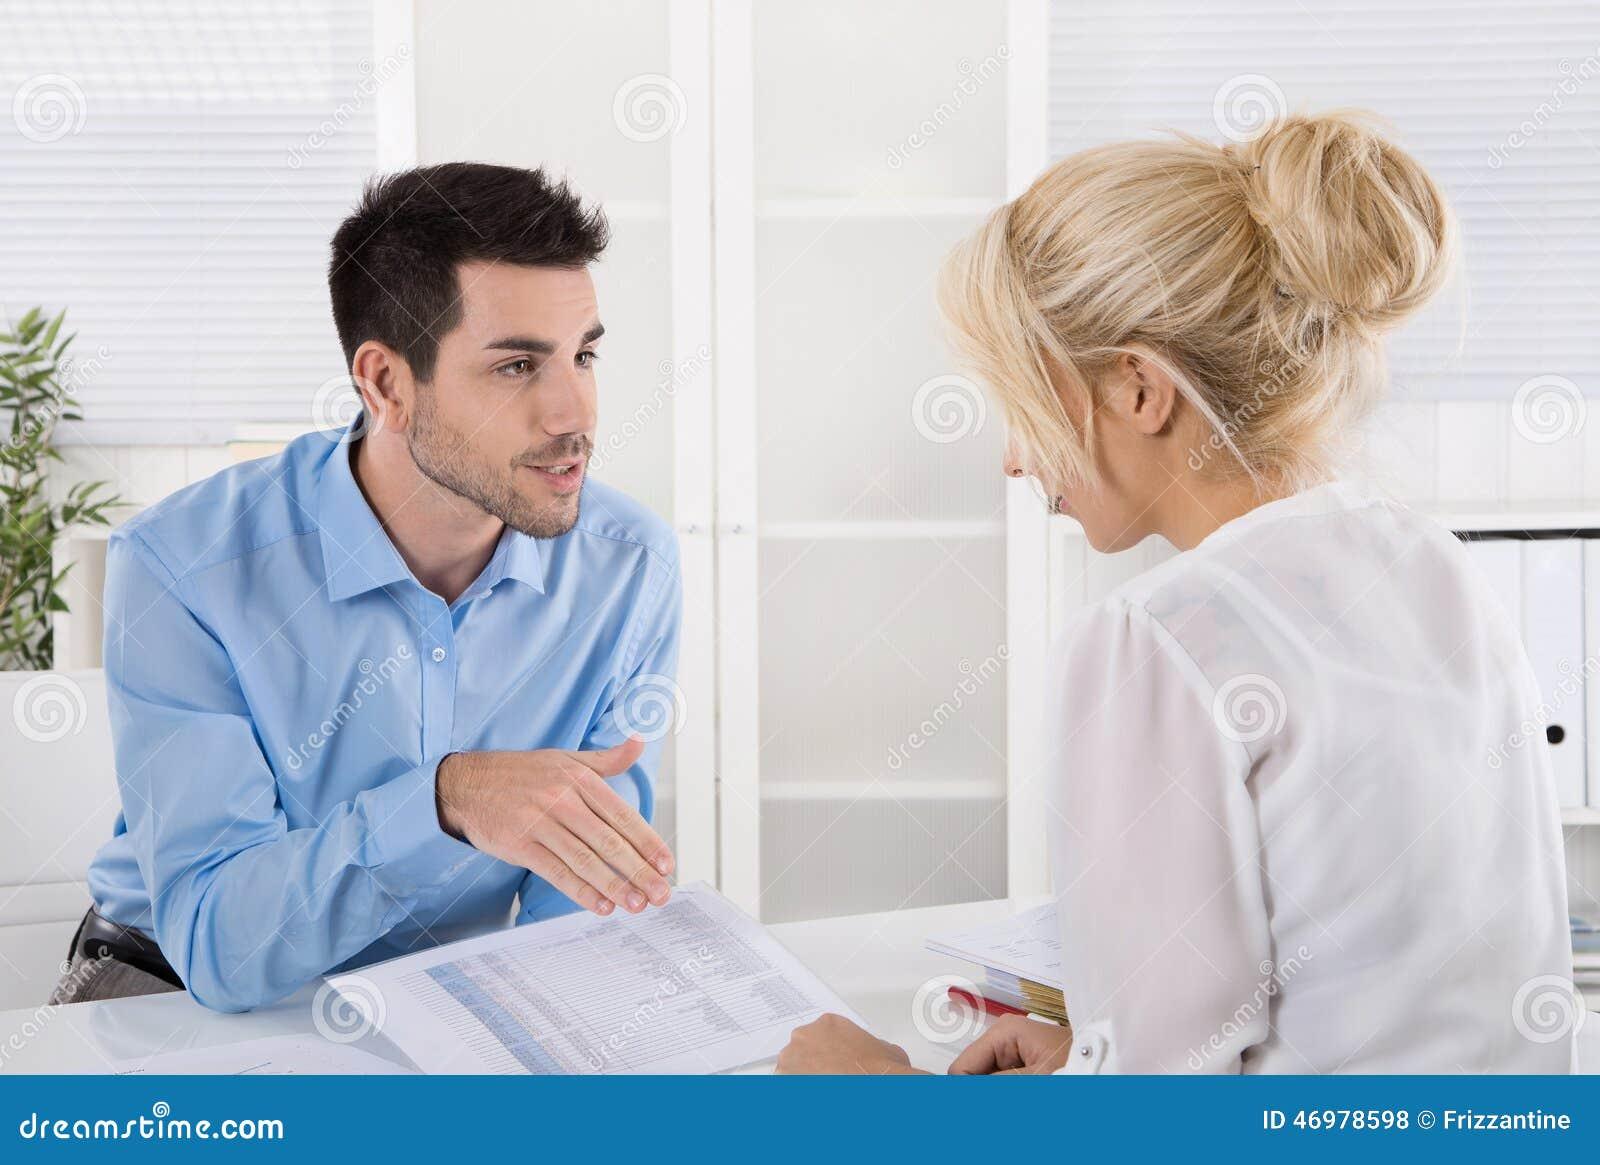 Fachowy biznesowy spotkanie: klient i advicer analizuje fi